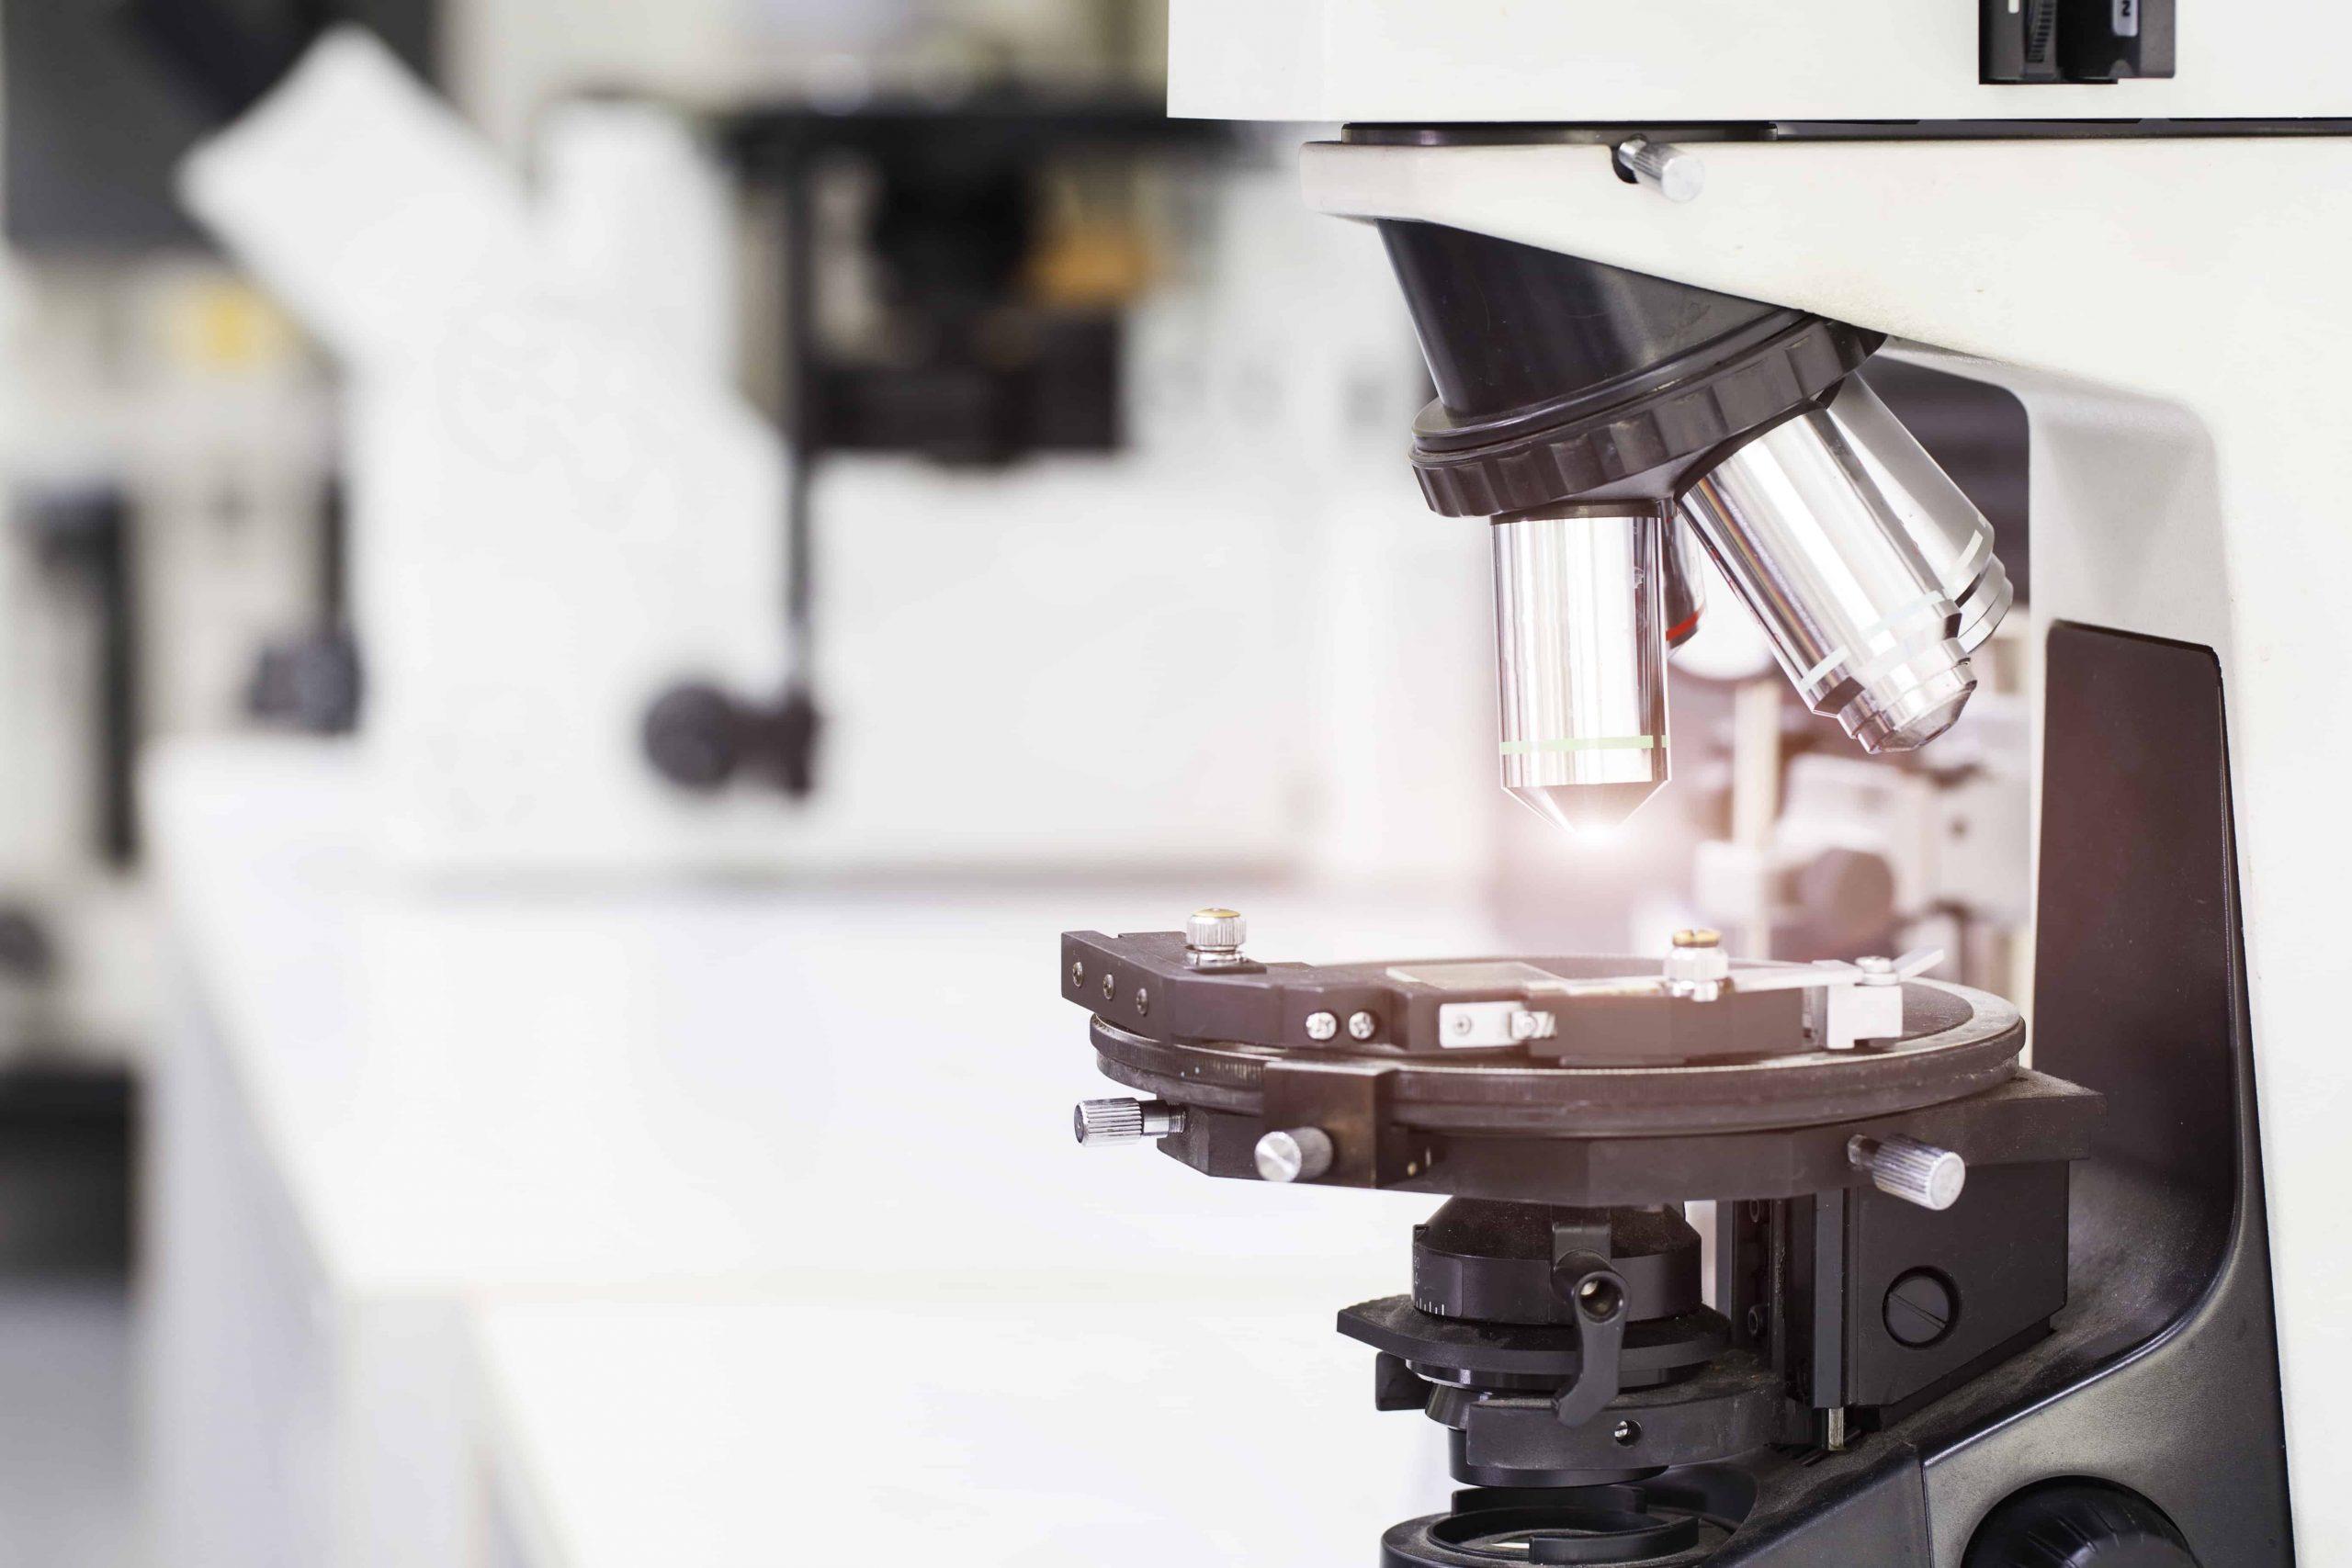 Mikroskop: Test & Empfehlungen (09/20)